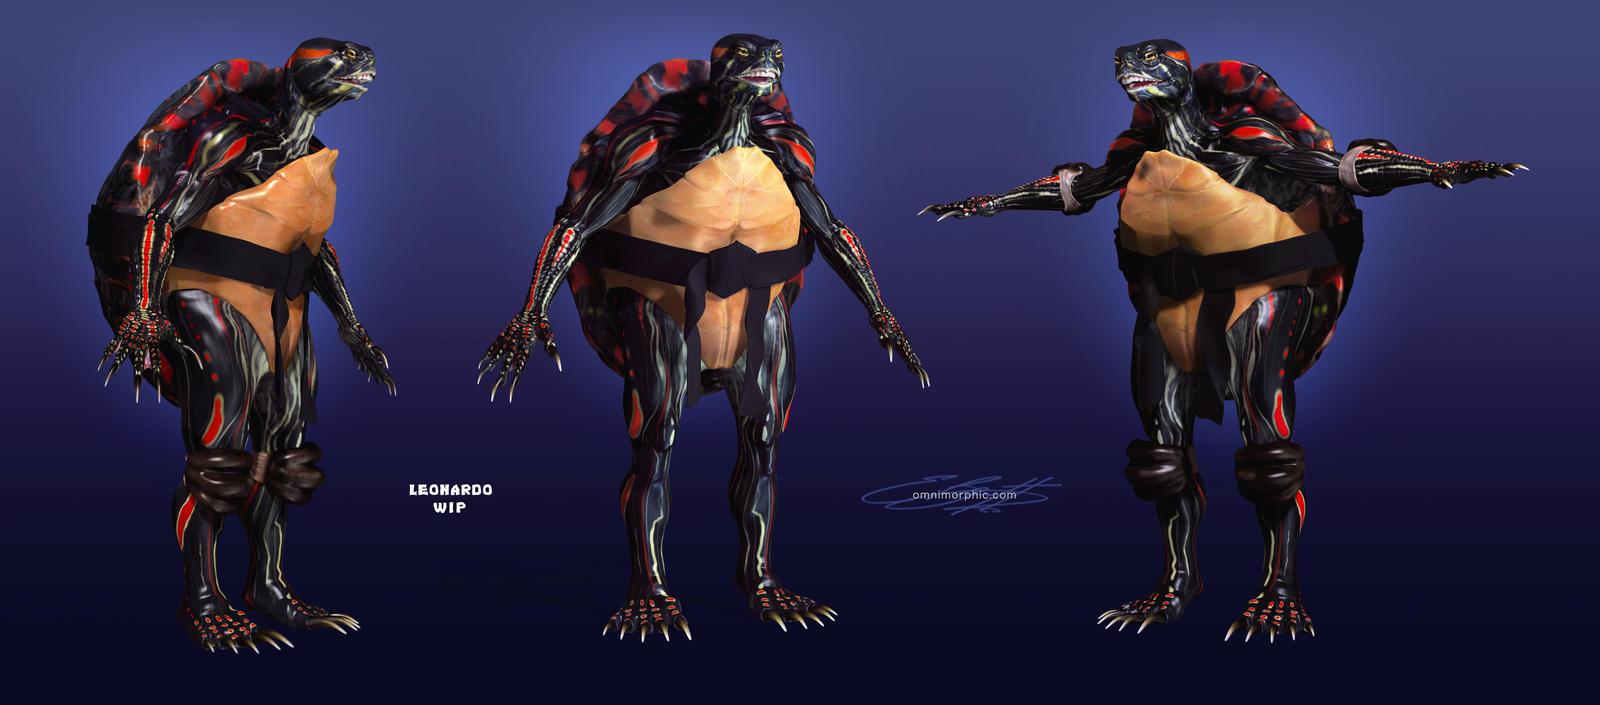 Real TMNT Ninja Turtles concept art 2014